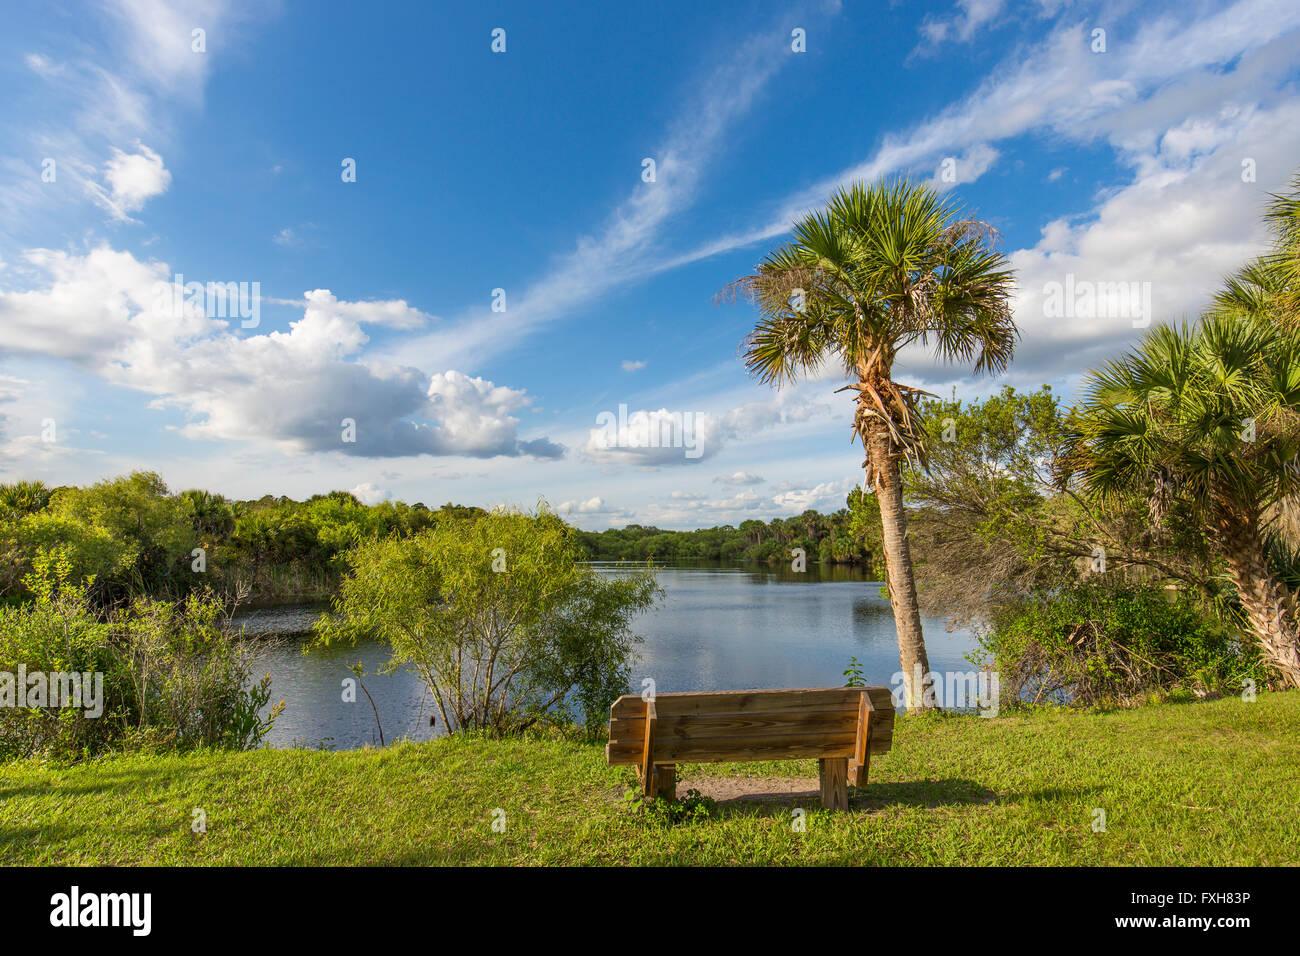 Banc avec vue sur l'eau dans la Région de Prairie Creek Deer Deer Prairie Creek préserver à Venise en Floride Banque D'Images